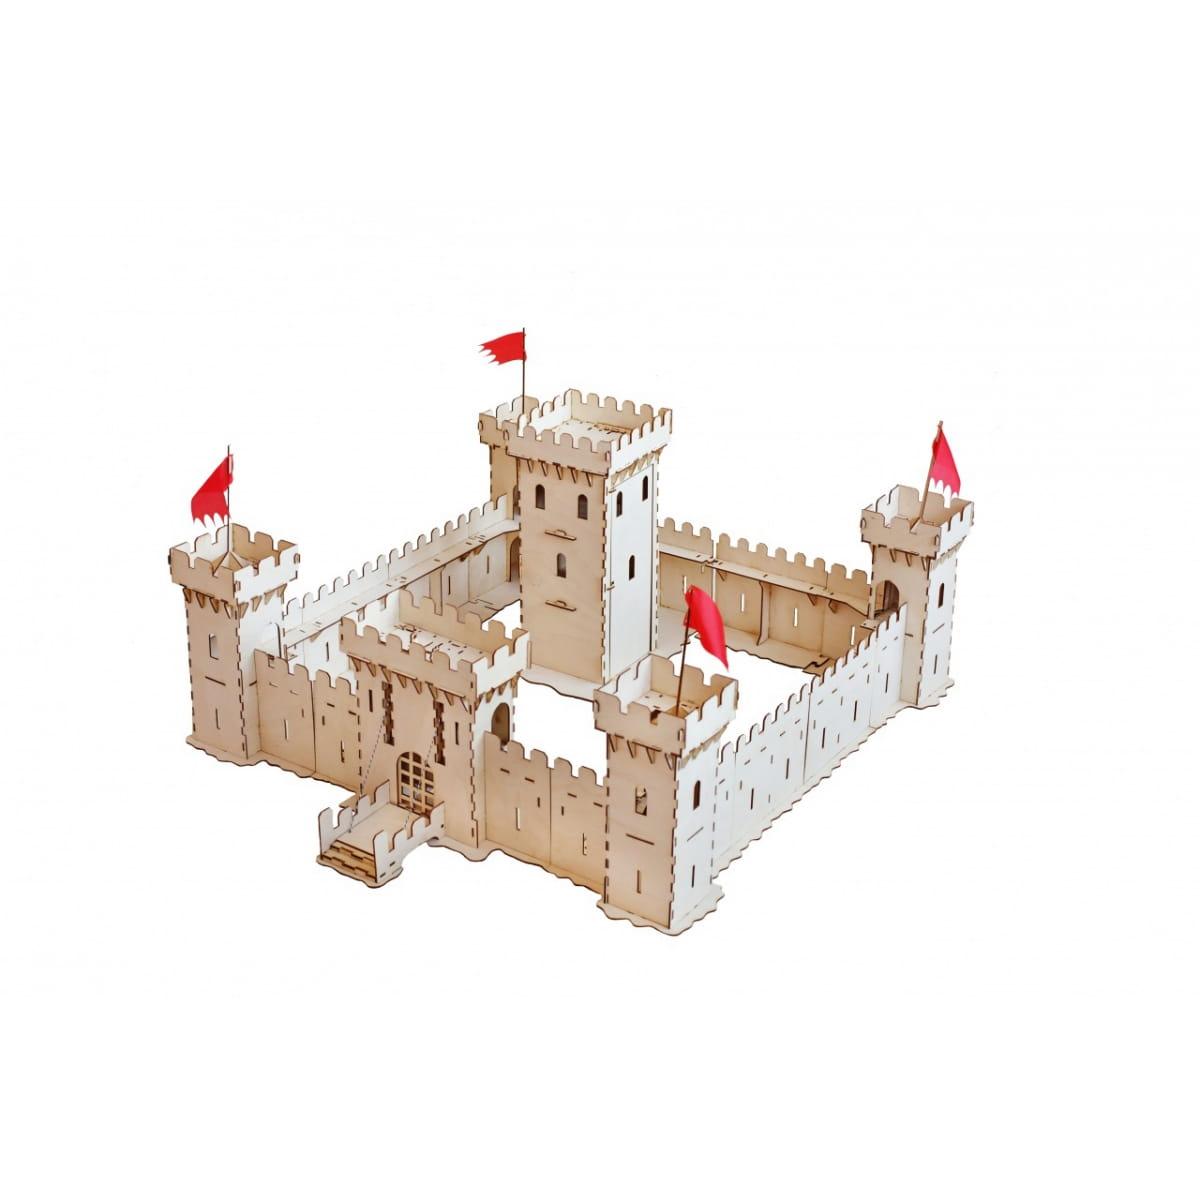 Сборная деревянная модель Большой слон Д-003 Большая средневековая крепость